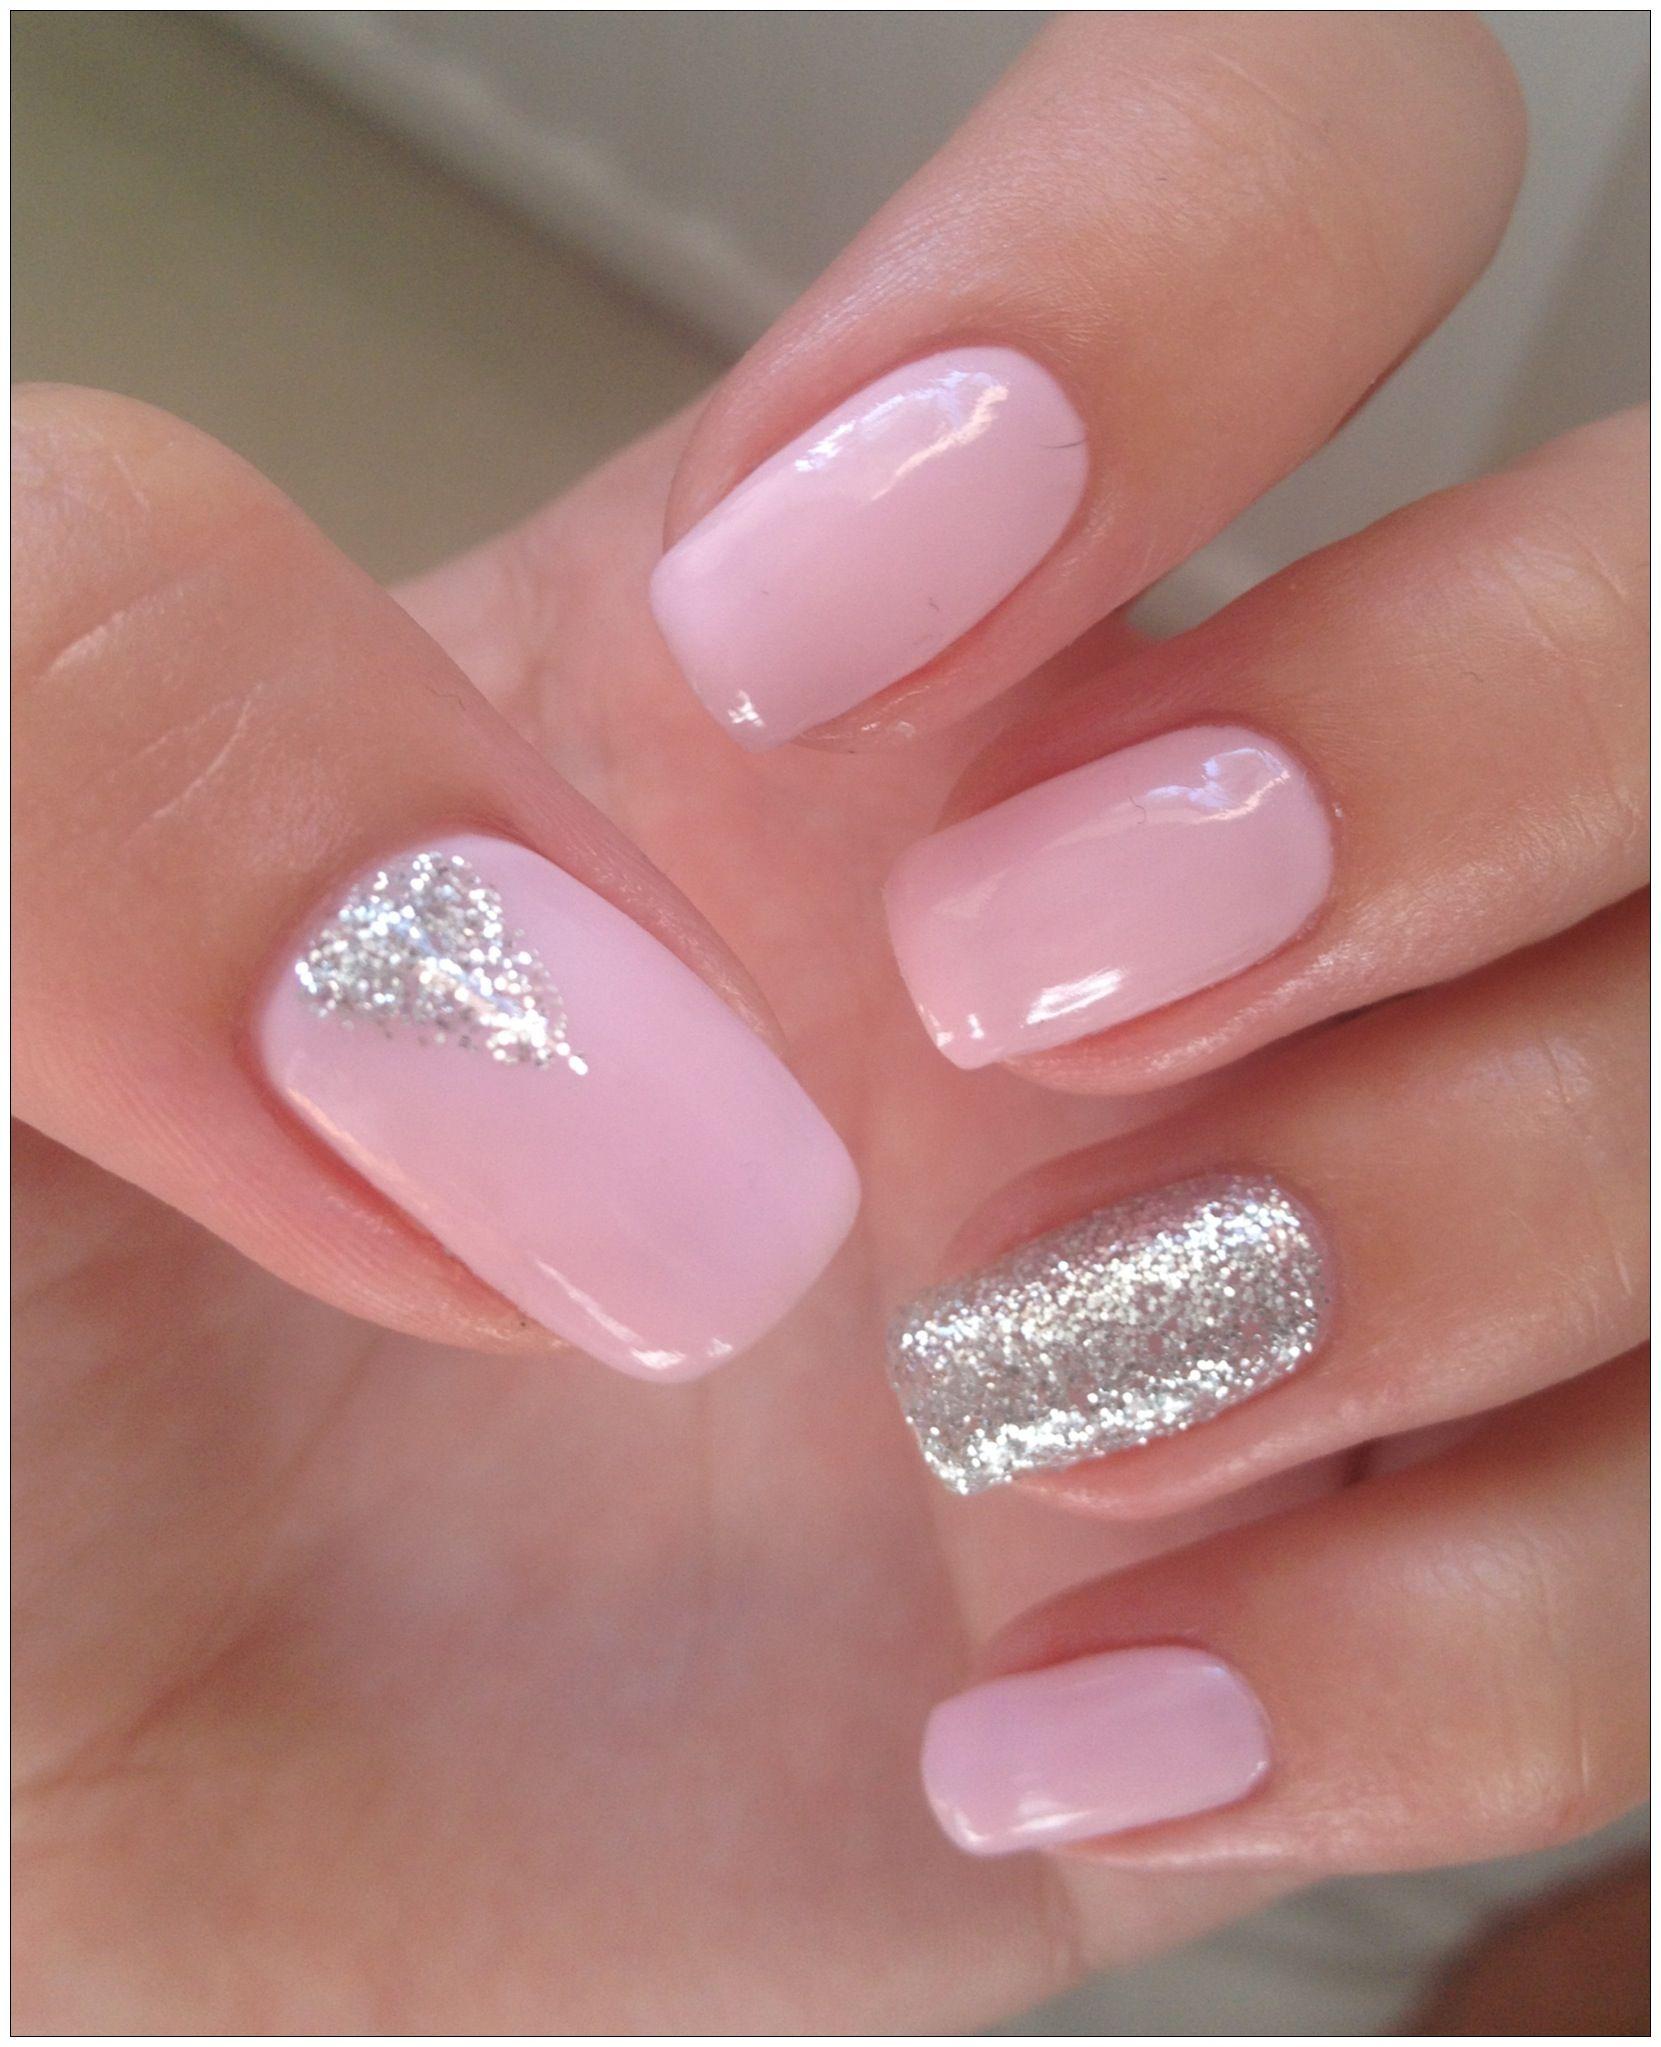 Pin de STELLA en Ongles vernis | Pinterest | Diseños de uñas, Uña ...